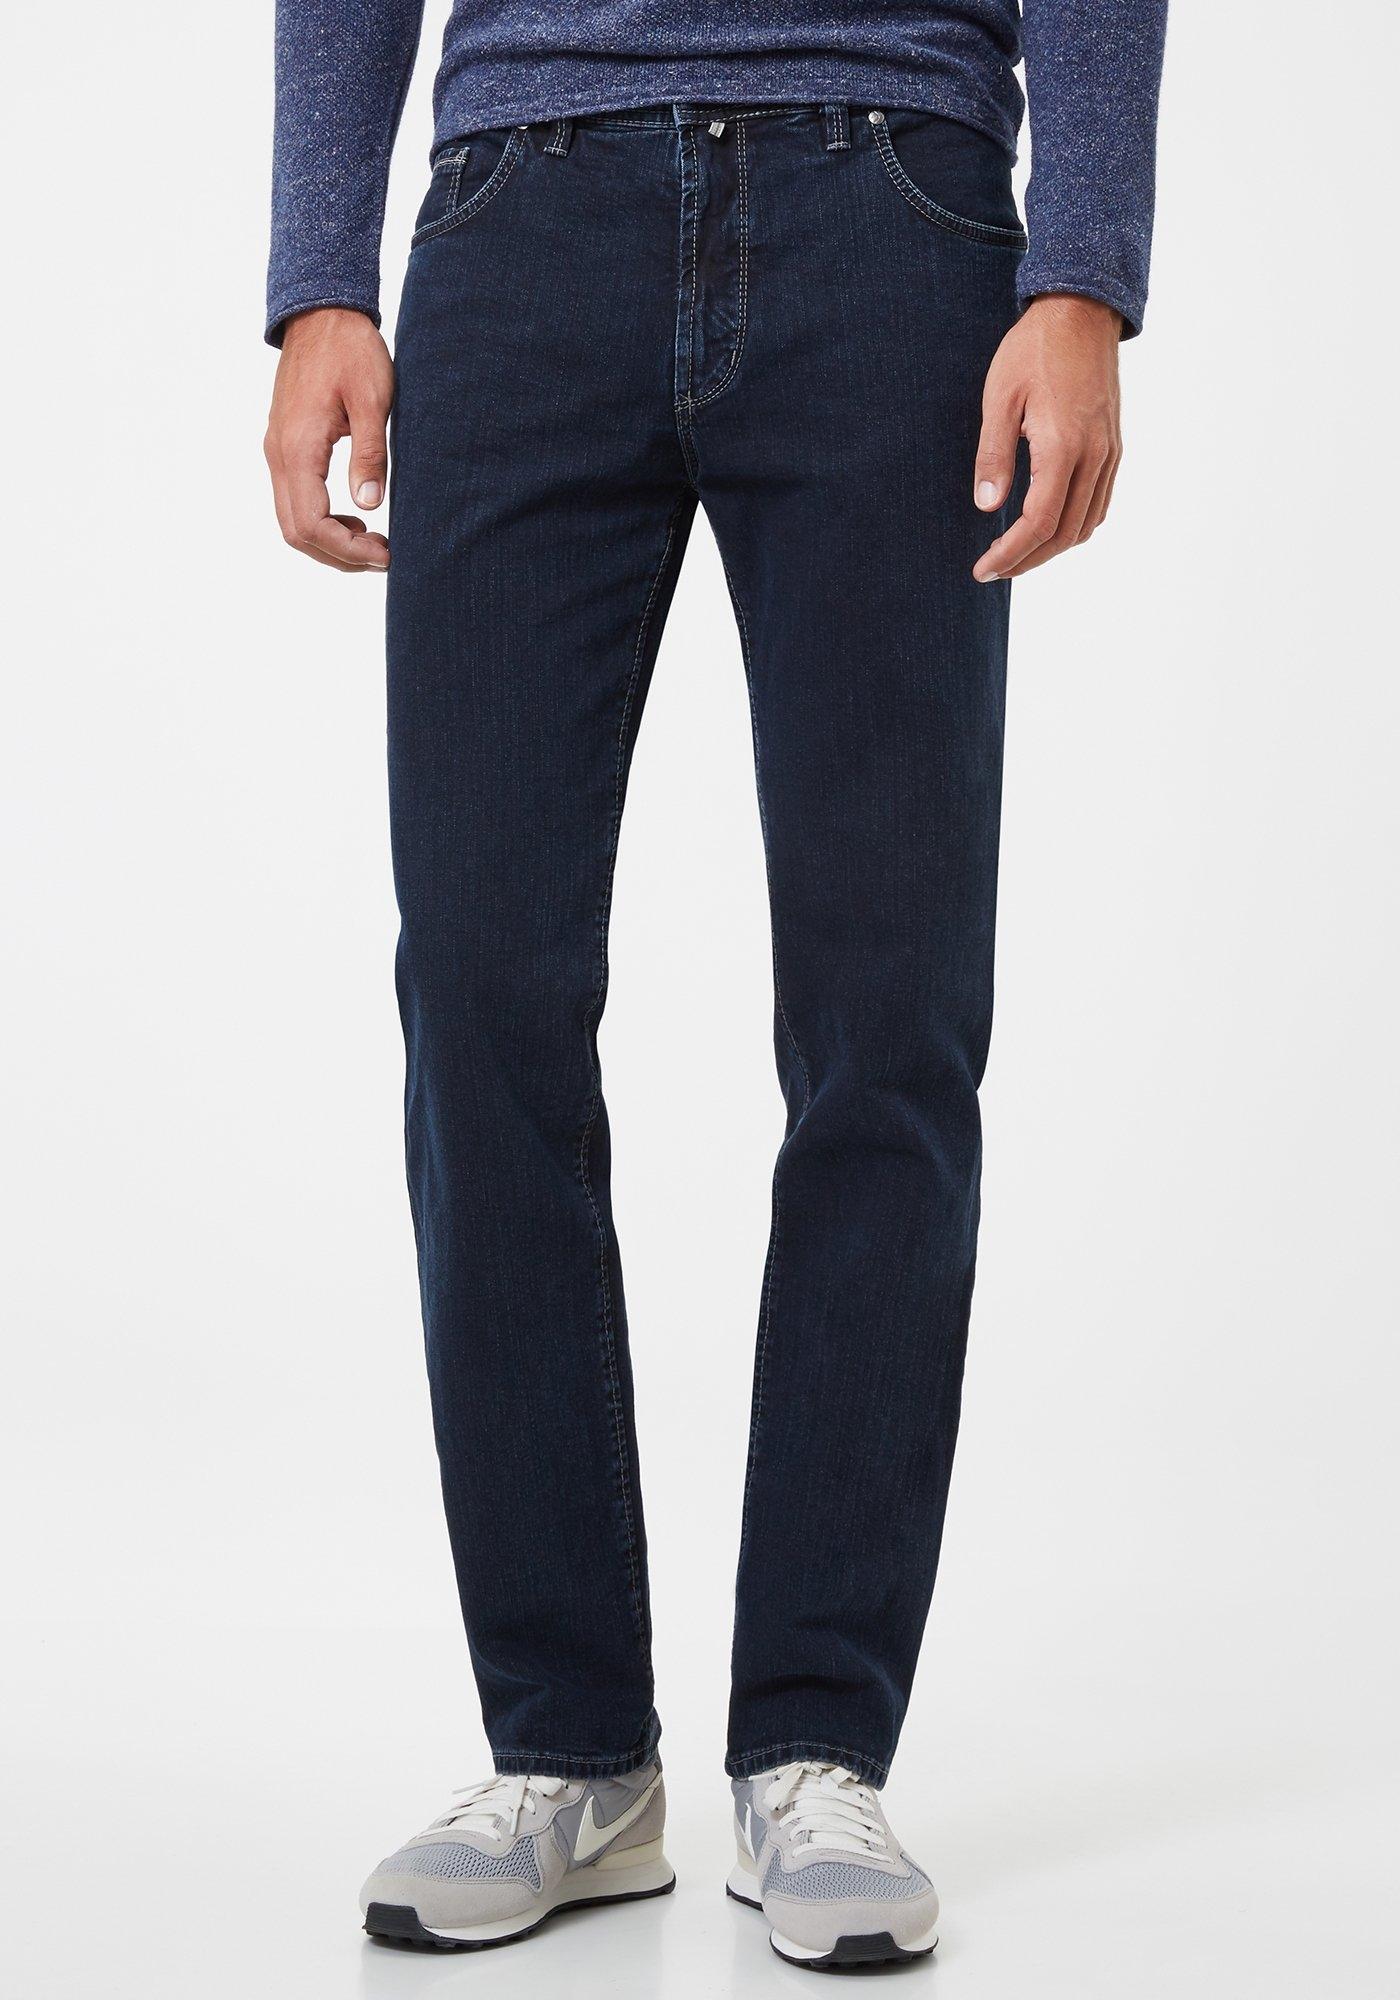 Pionier Jeans & Casuals Hose Denim Herren »PETER Comfort Fit« bij OTTO online kopen